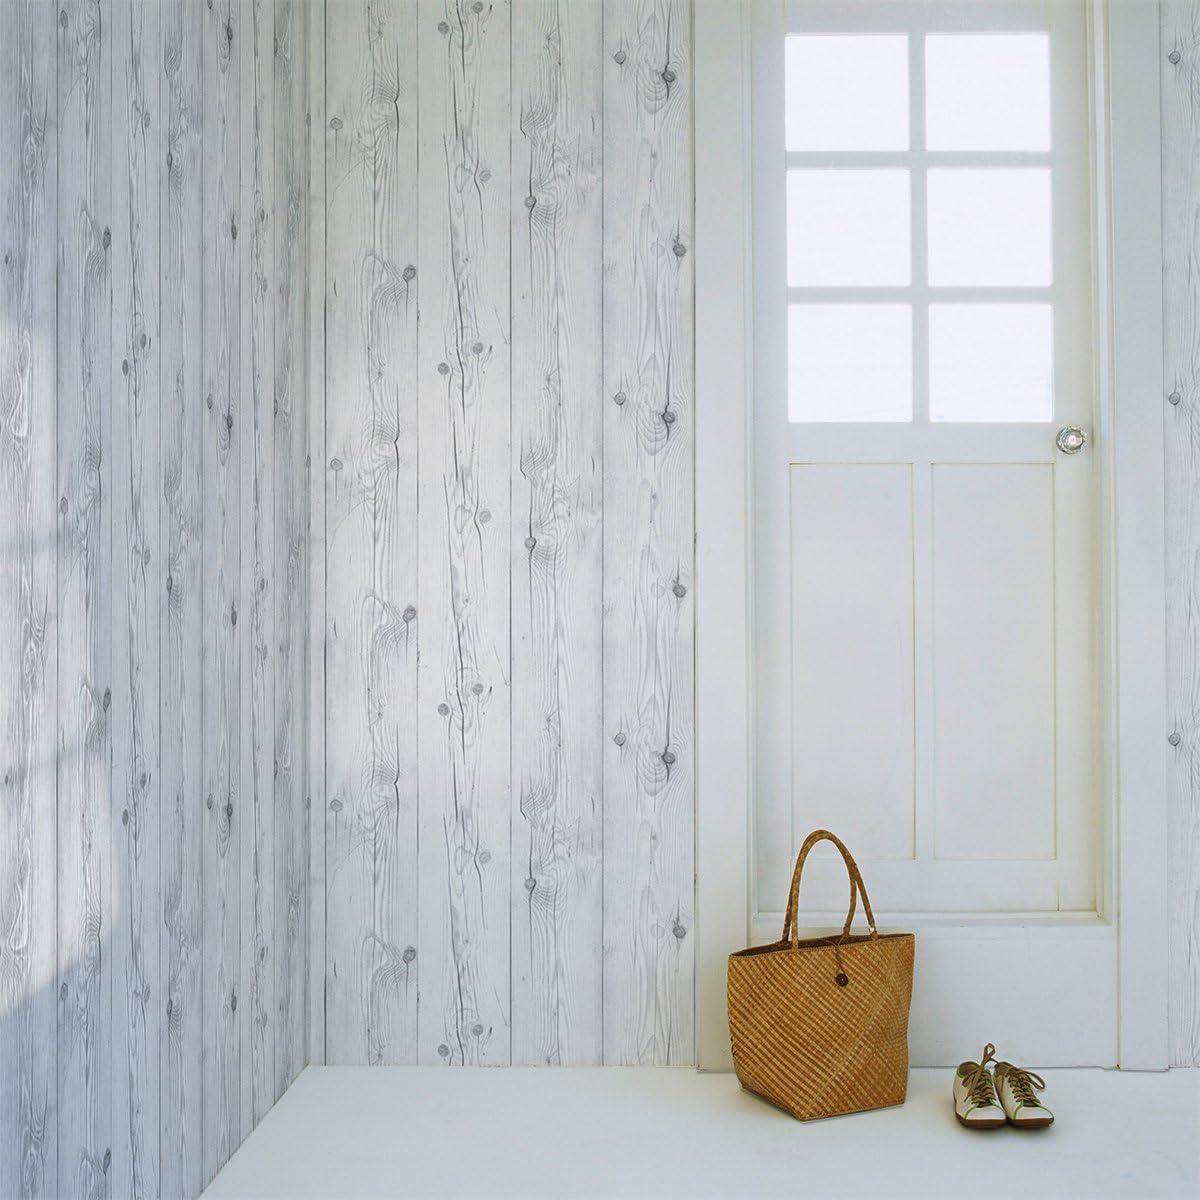 Amazon はがせるdiy壁紙シール ハリーステッカー リフォームシール 粘着付き壁紙 ホワイトリアルウッド 白木目 約50cm巾 15m巻 Diy 工具 ガーデン